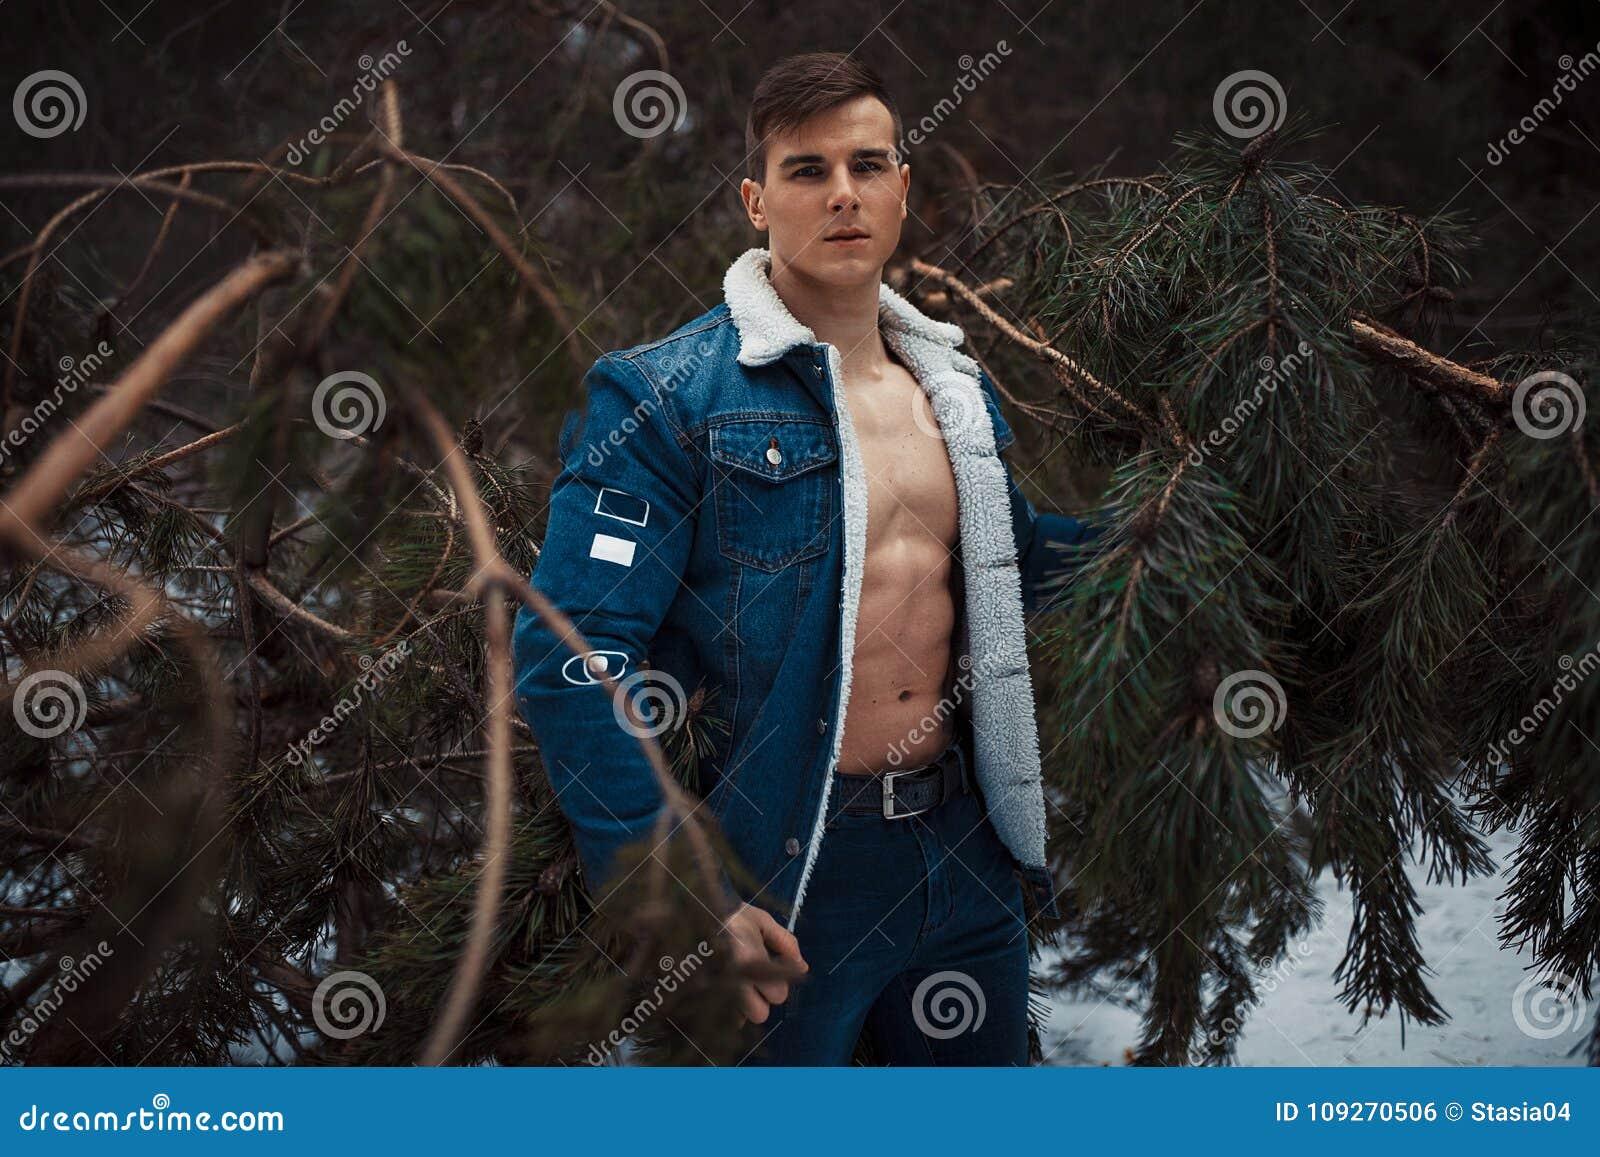 Junger muskulöser Mann in aufgeknöpfter Jacke mit der blanken Brust steht nahe bei Kiefer im Winterwald